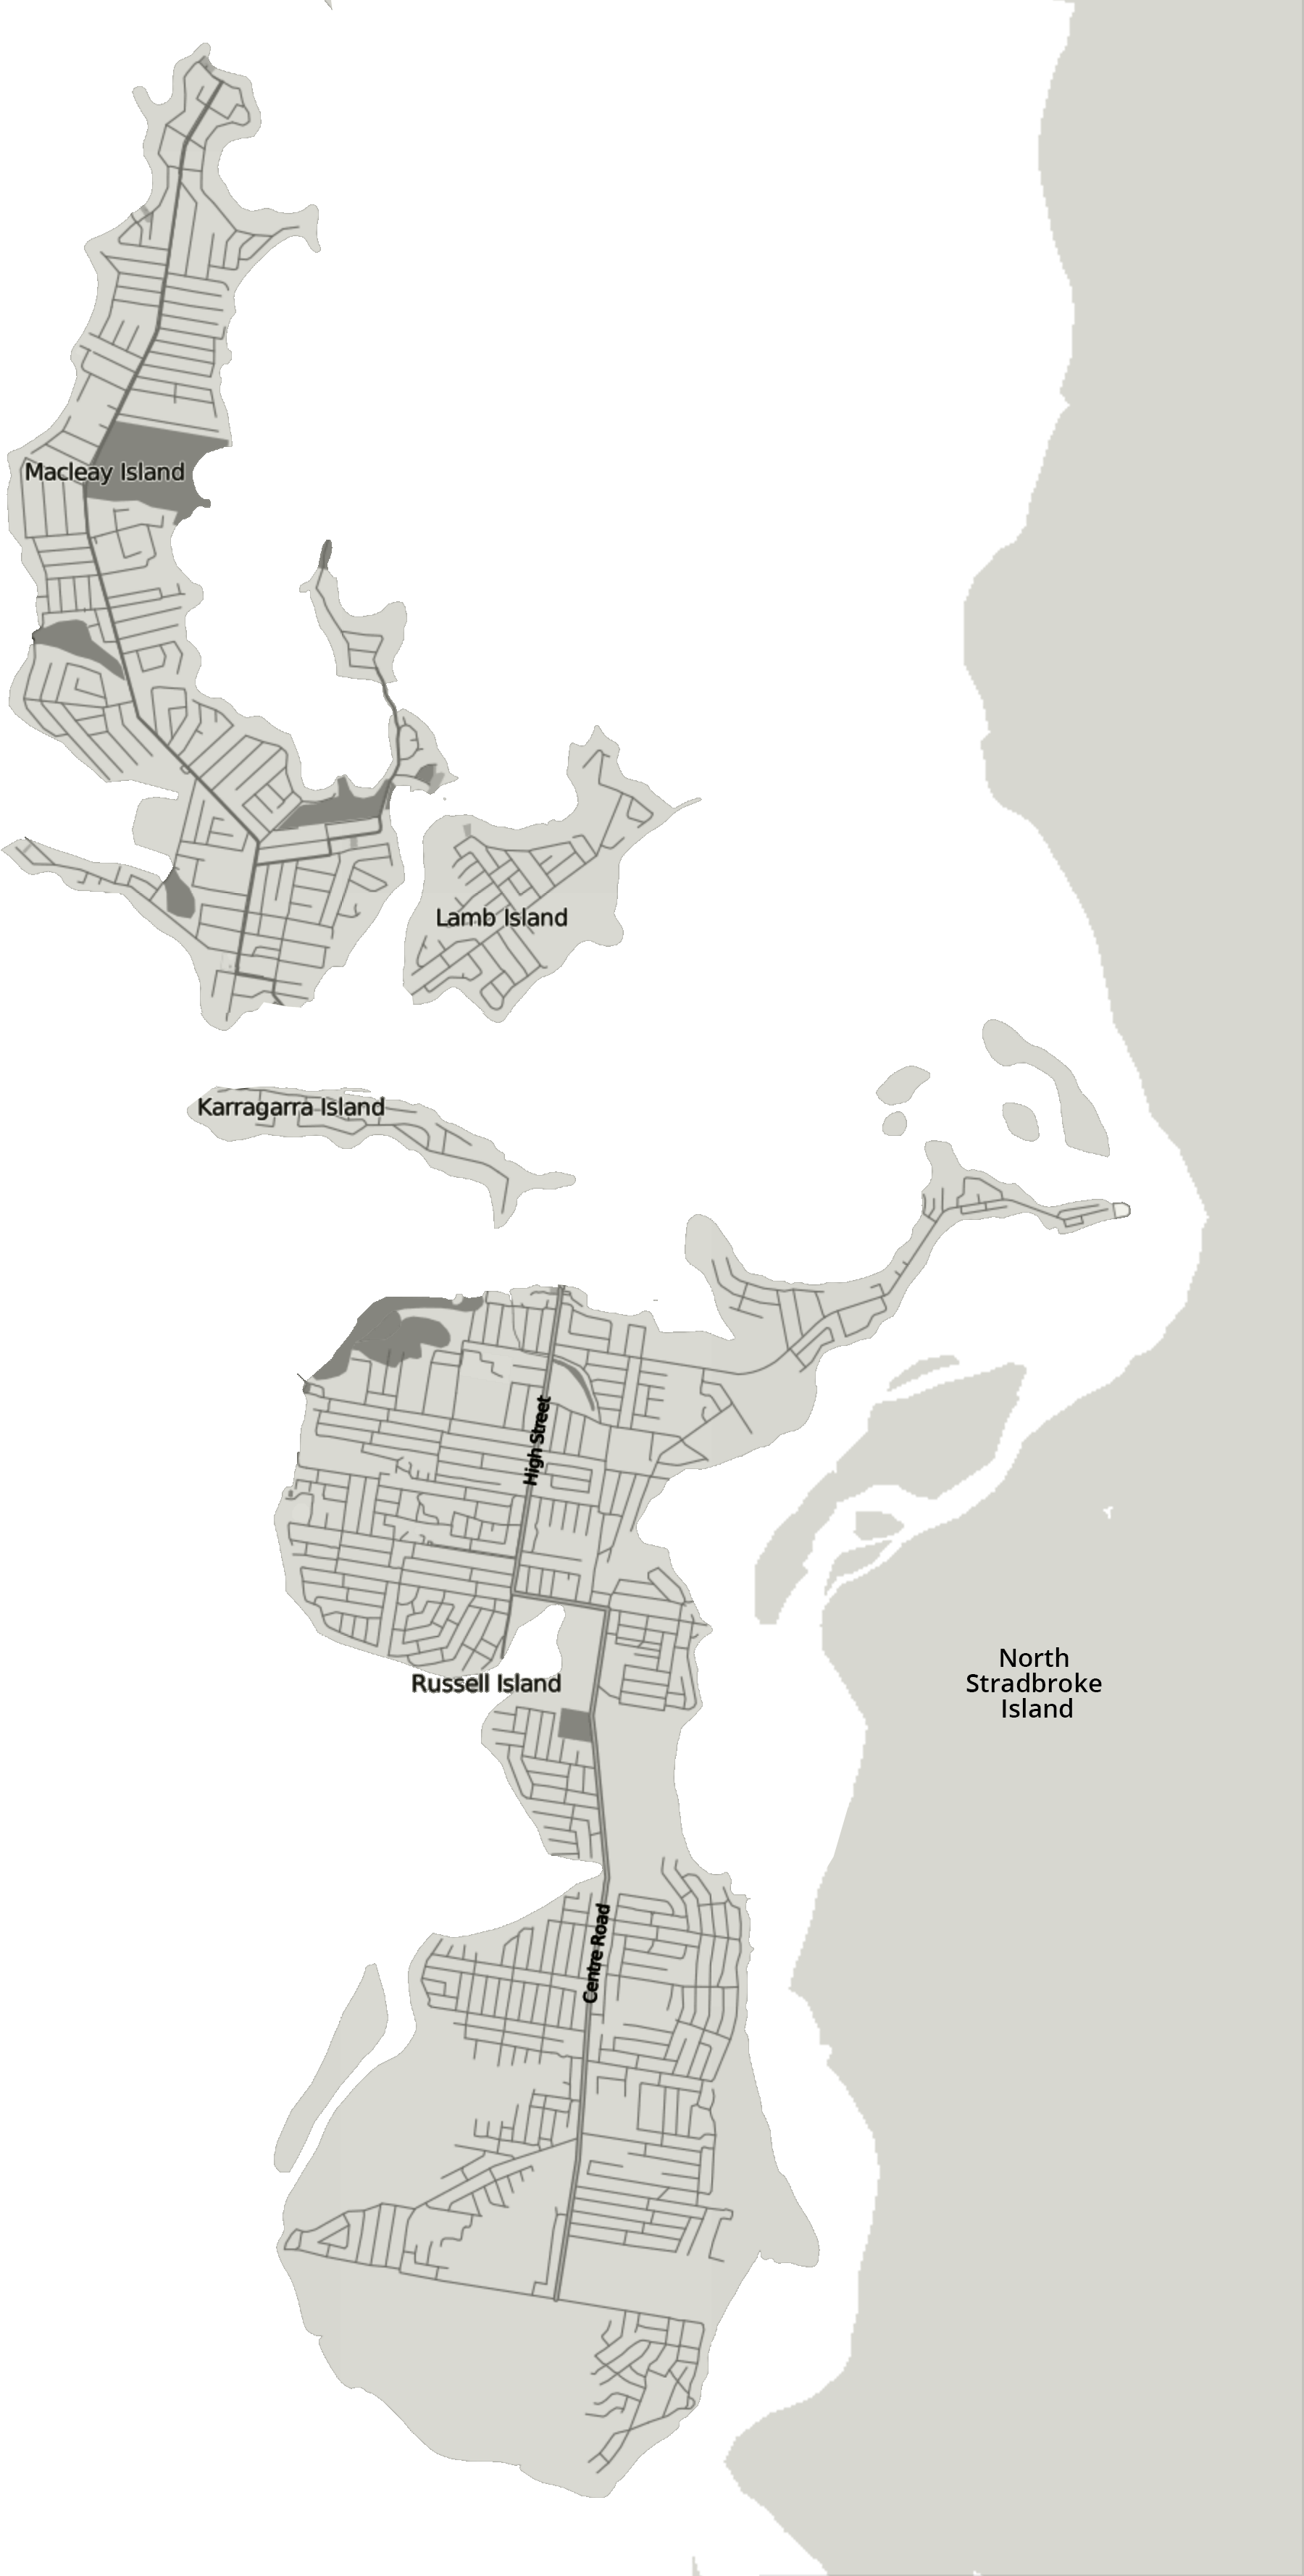 map-smbi-4